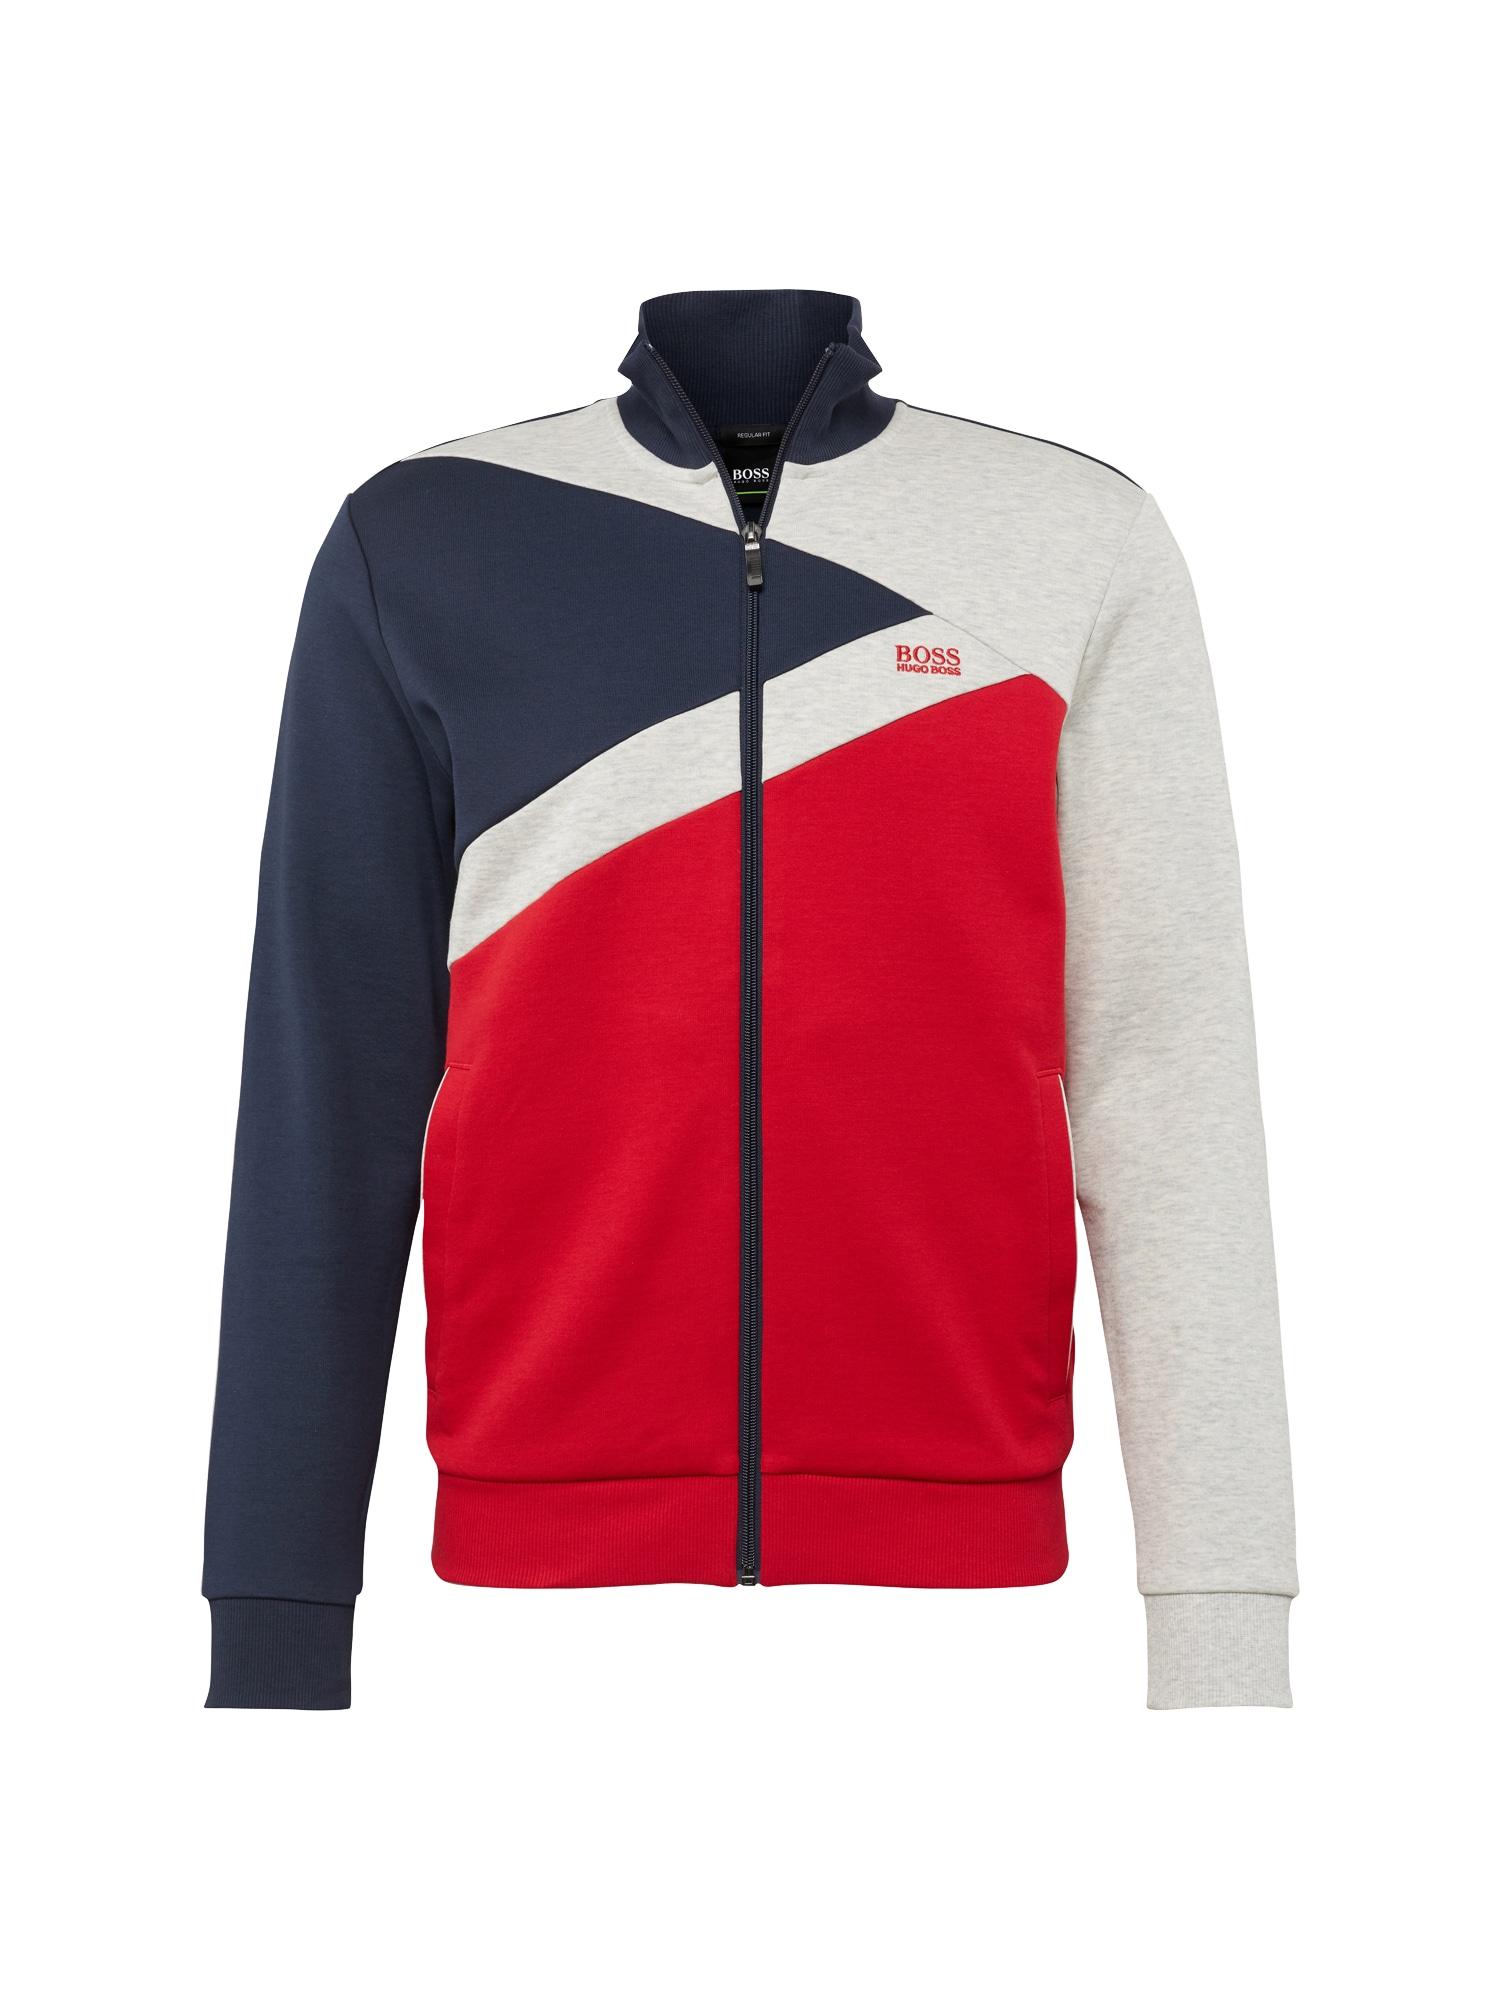 Mikina s kapucí Skaz tmavě modrá červená bílá BOSS